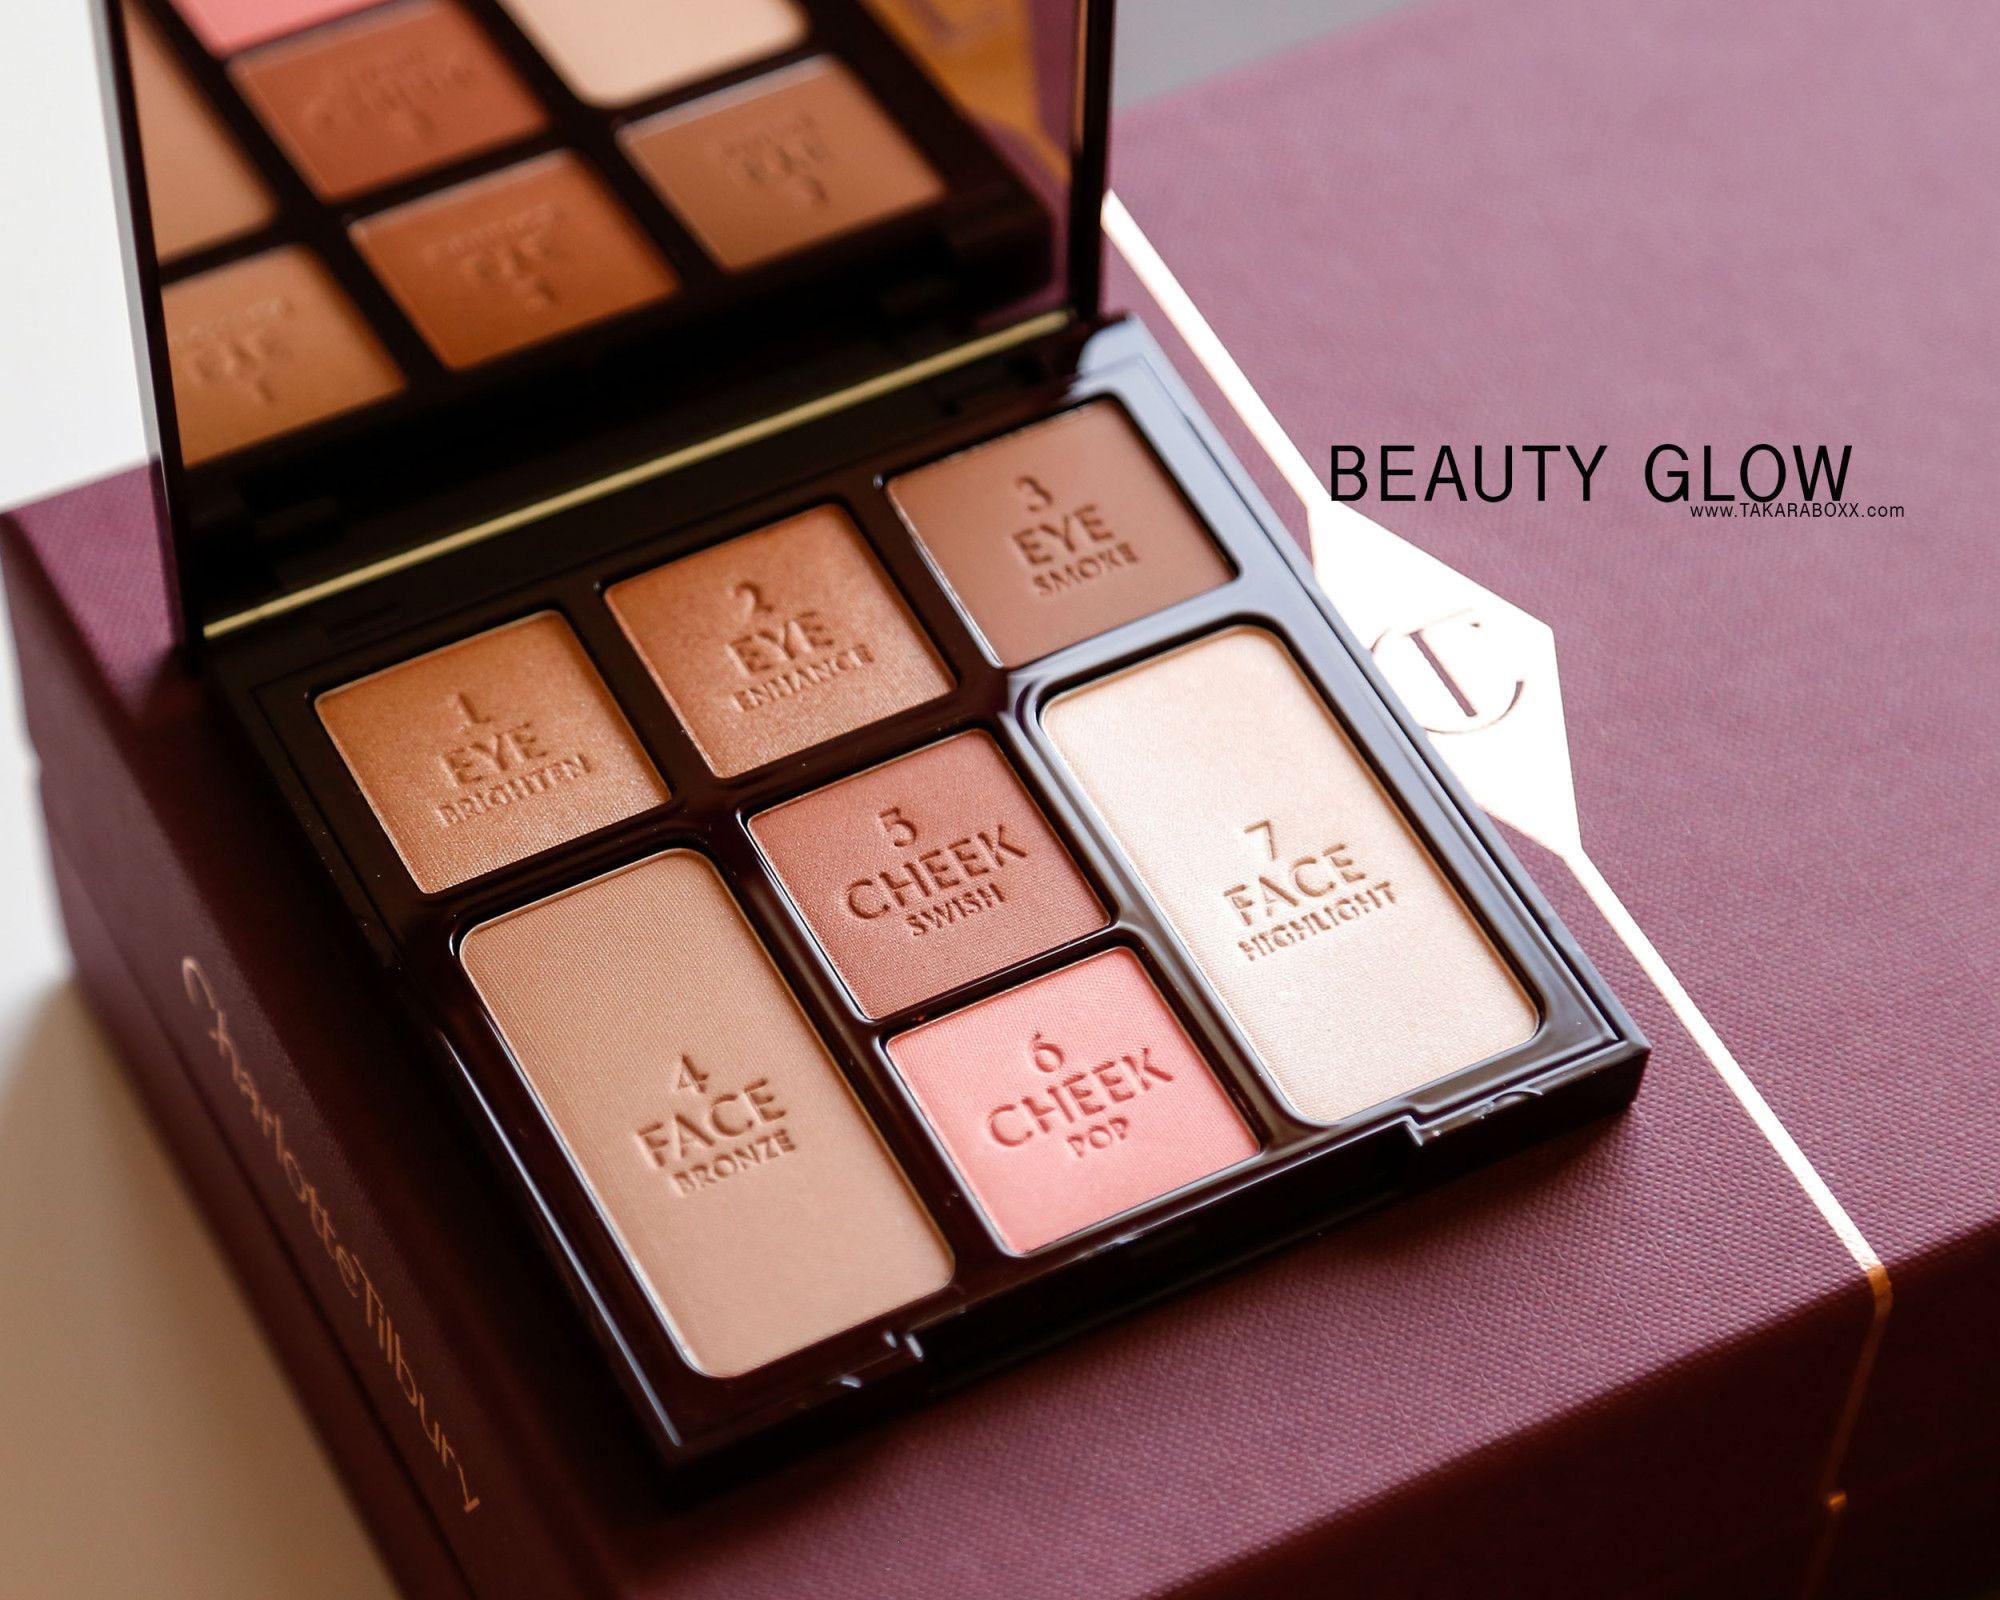 Ct Instant Look In A Palette Beauty Glow Beauty Glow Charlotte Tilbury Looks